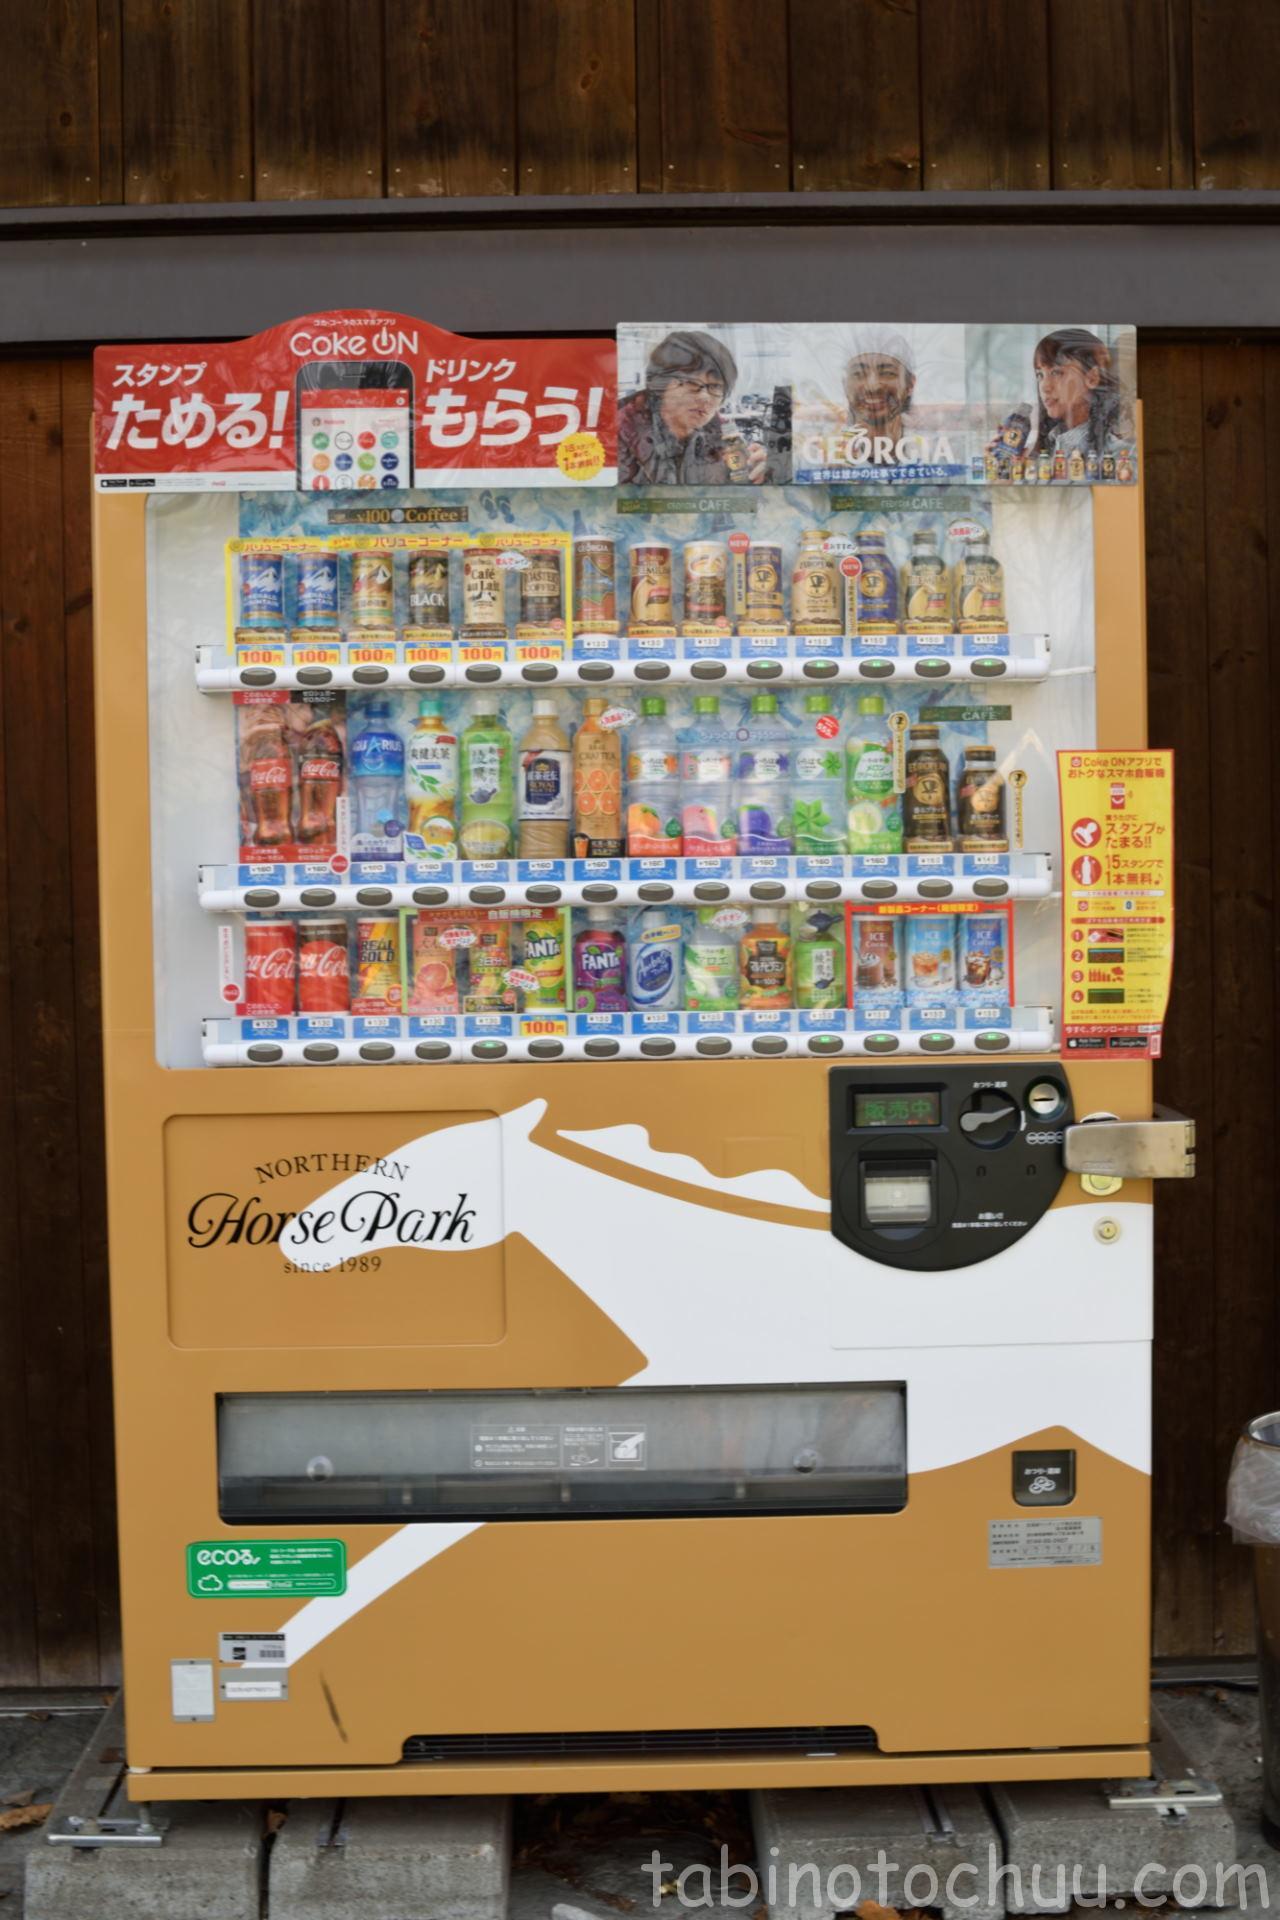 ノーザンホースパーク仕様の自動販売機